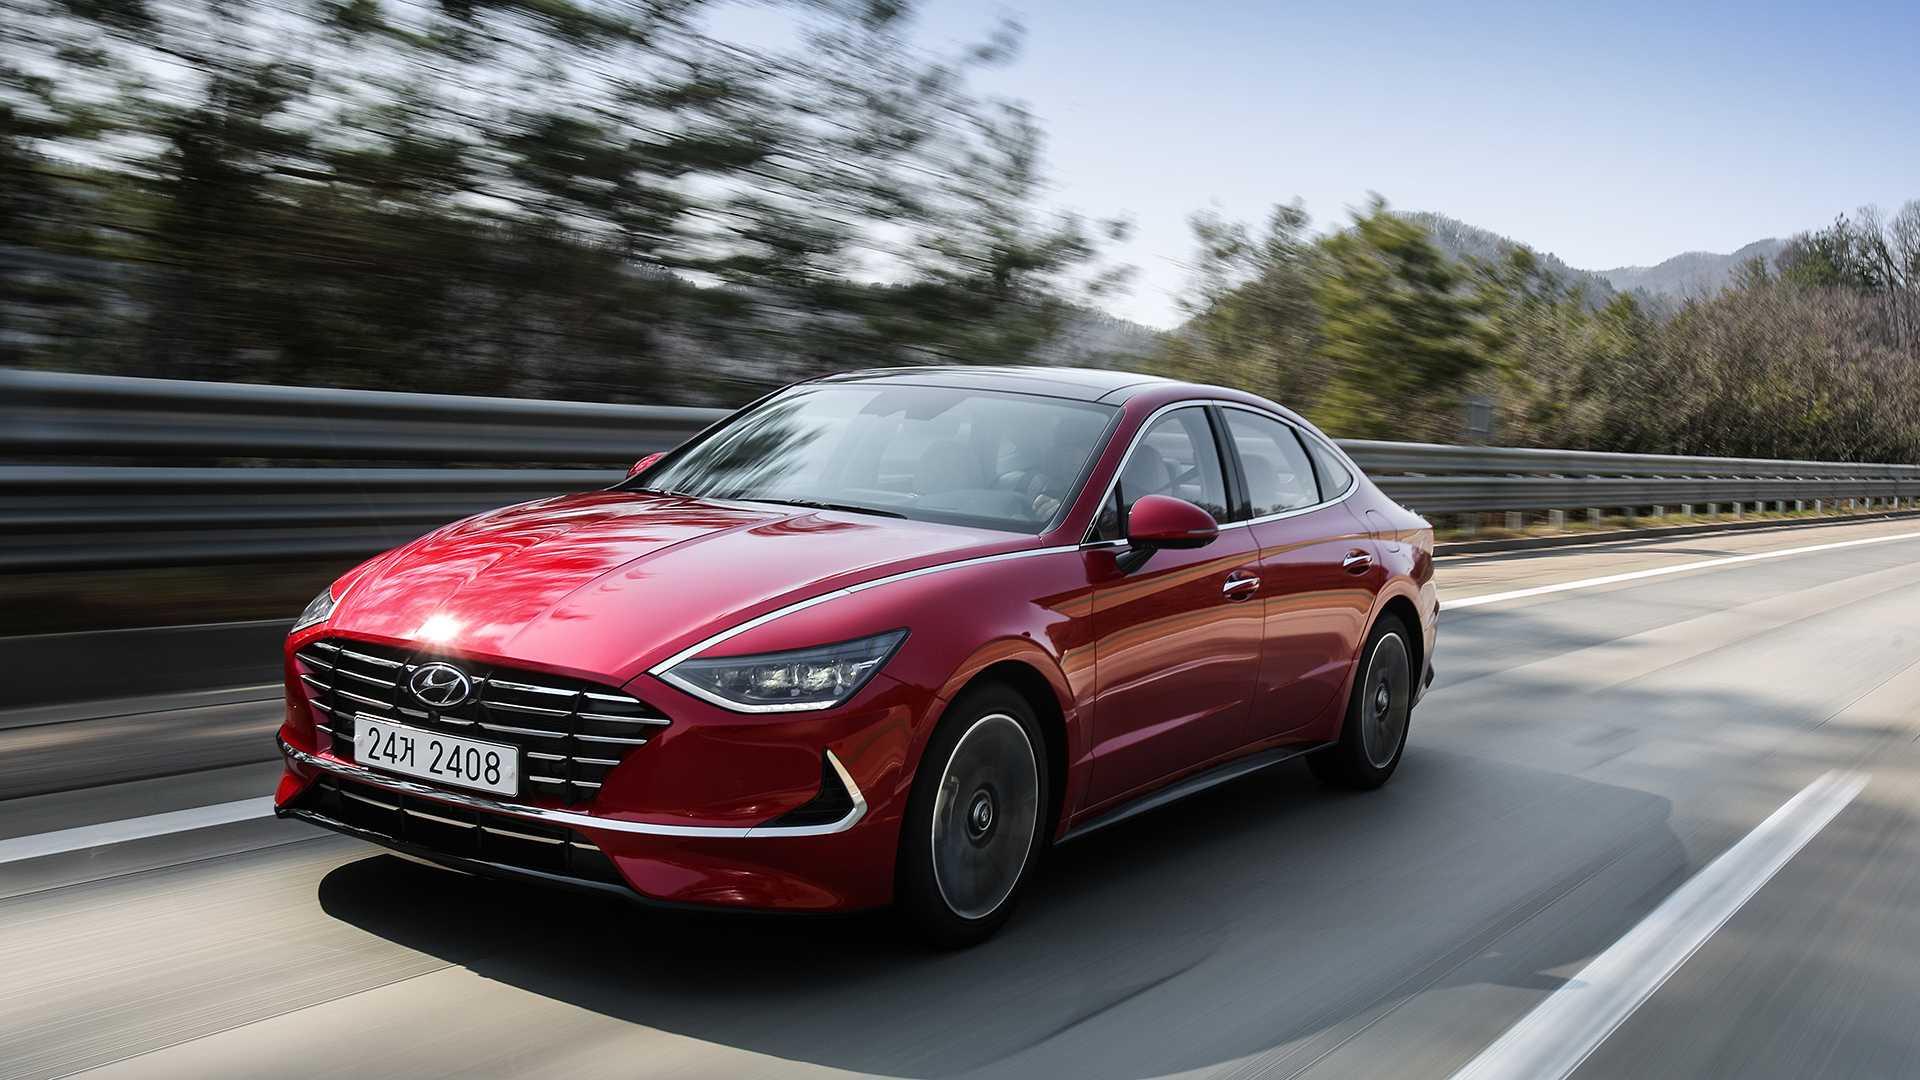 47 All New Hyundai Sonata 2020 Price Model with Hyundai Sonata 2020 Price